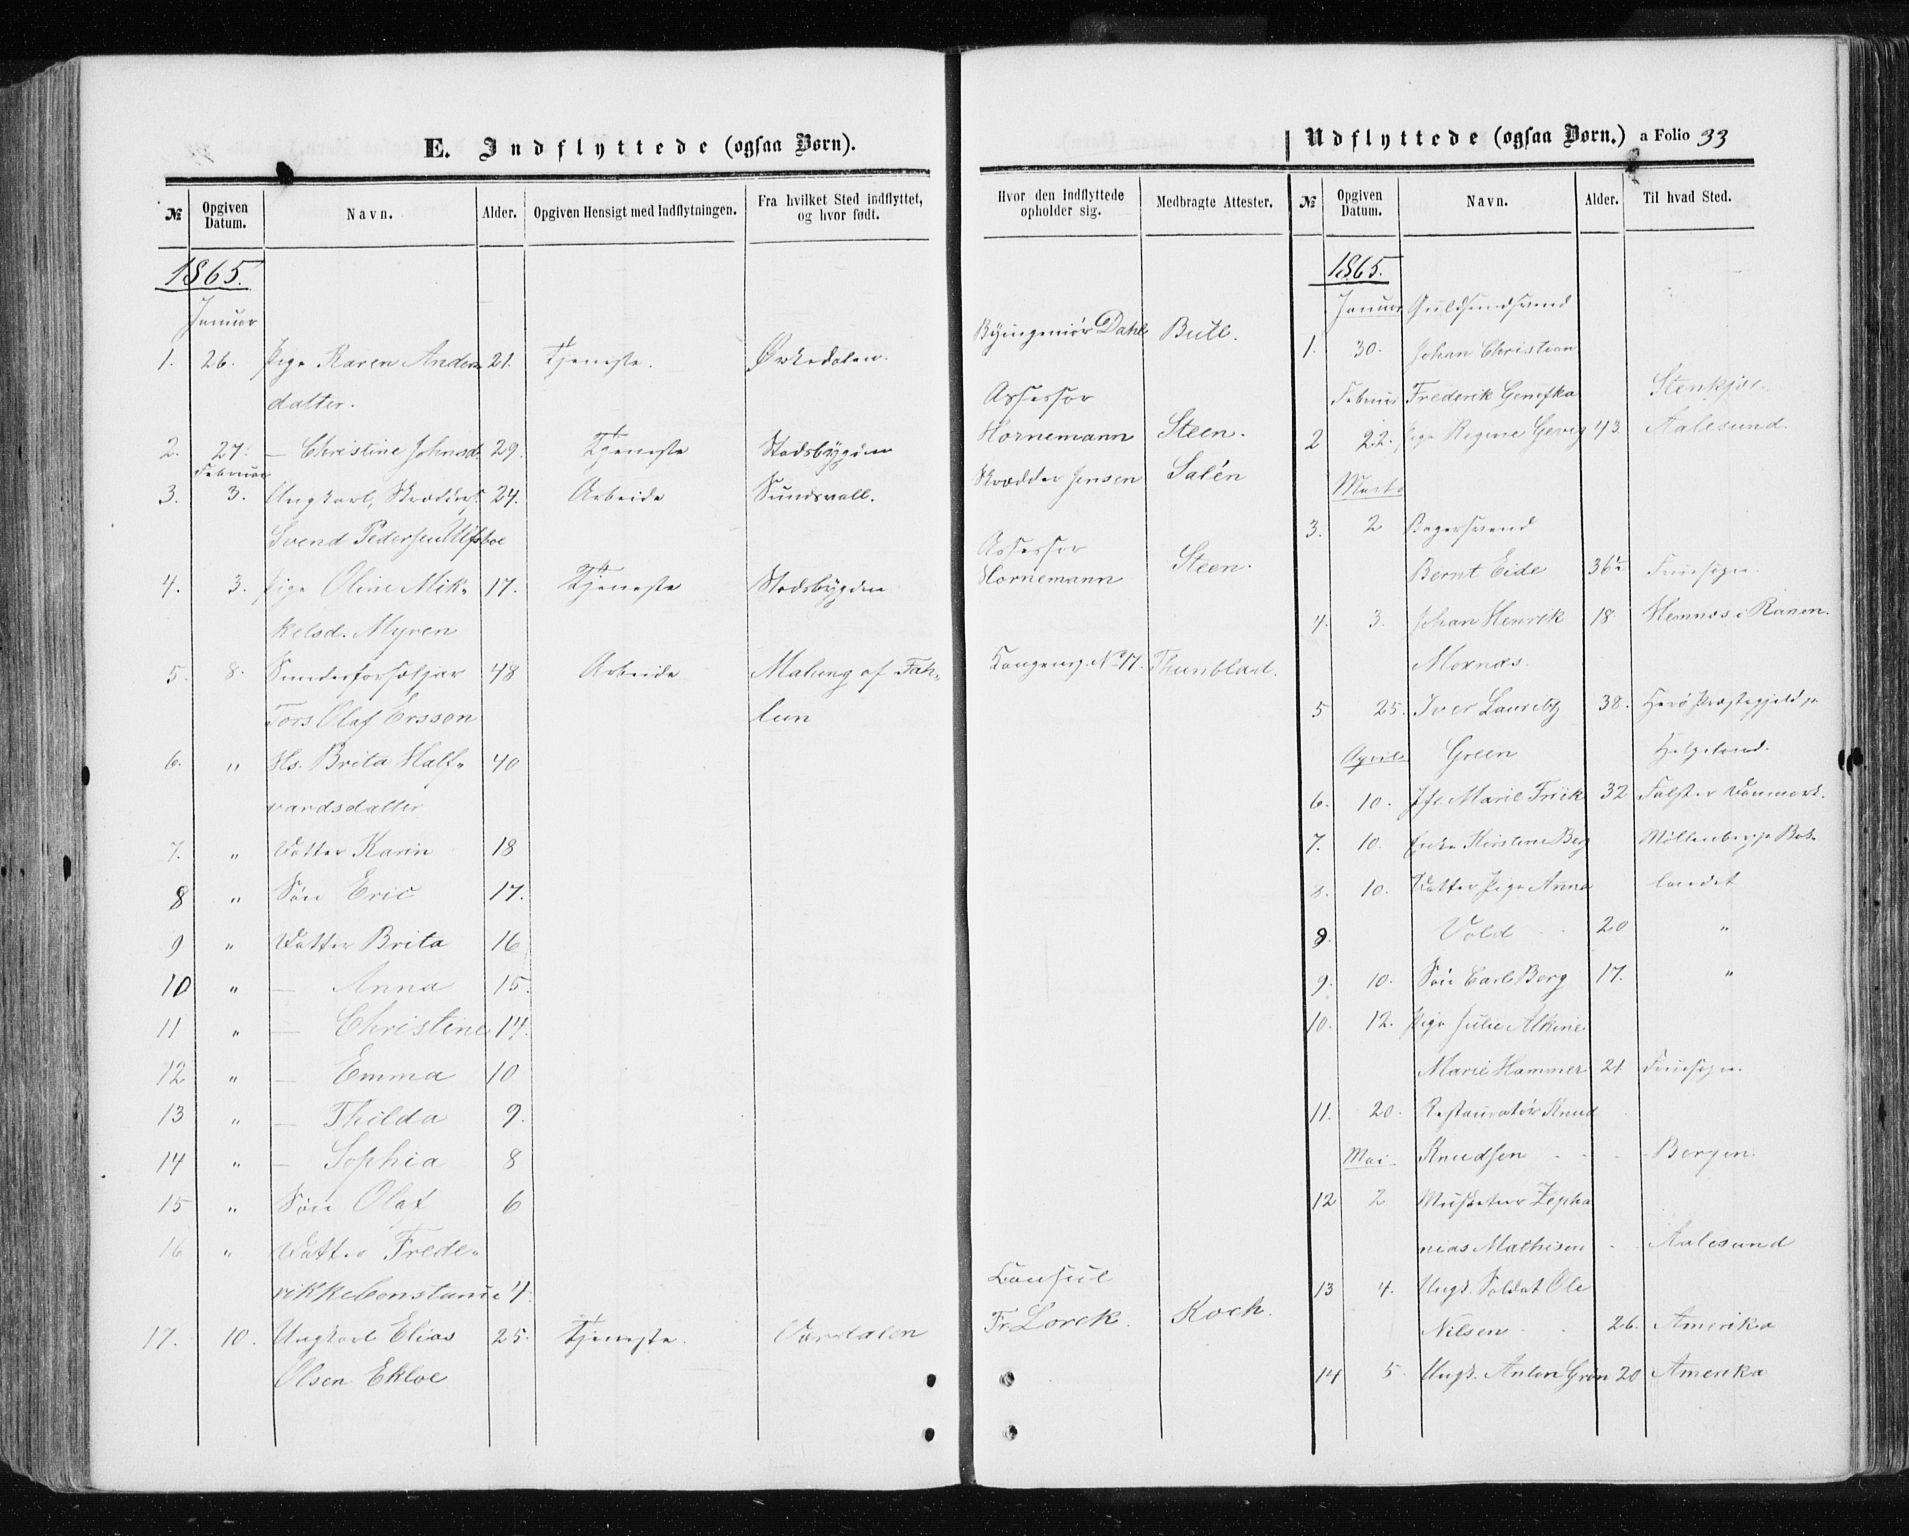 SAT, Ministerialprotokoller, klokkerbøker og fødselsregistre - Sør-Trøndelag, 601/L0053: Ministerialbok nr. 601A21, 1857-1865, s. 33